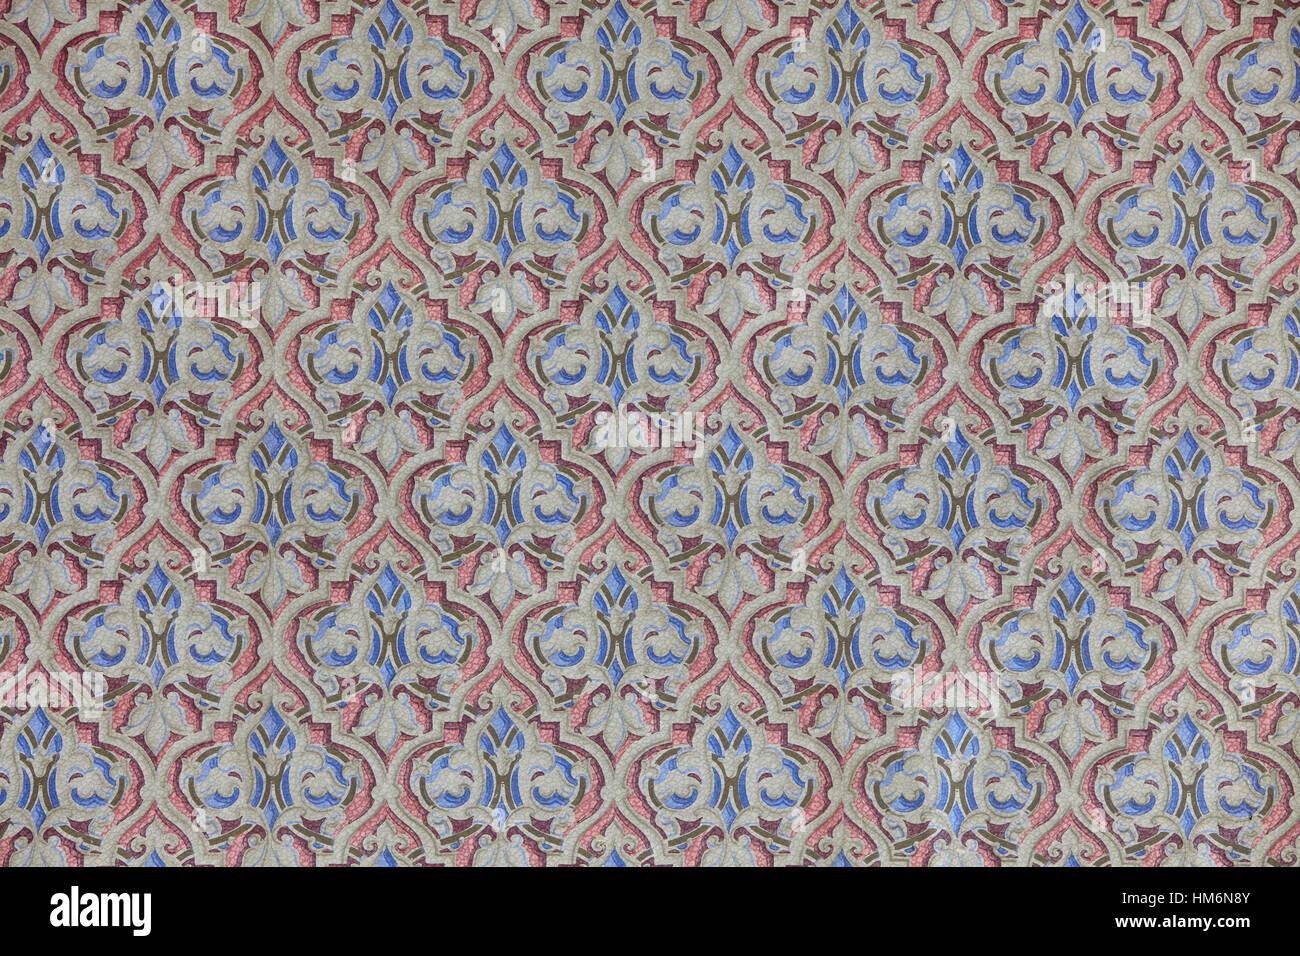 Vieux Papier Peint A Motif Antique Et Baroque En Bleu Et Rouge L